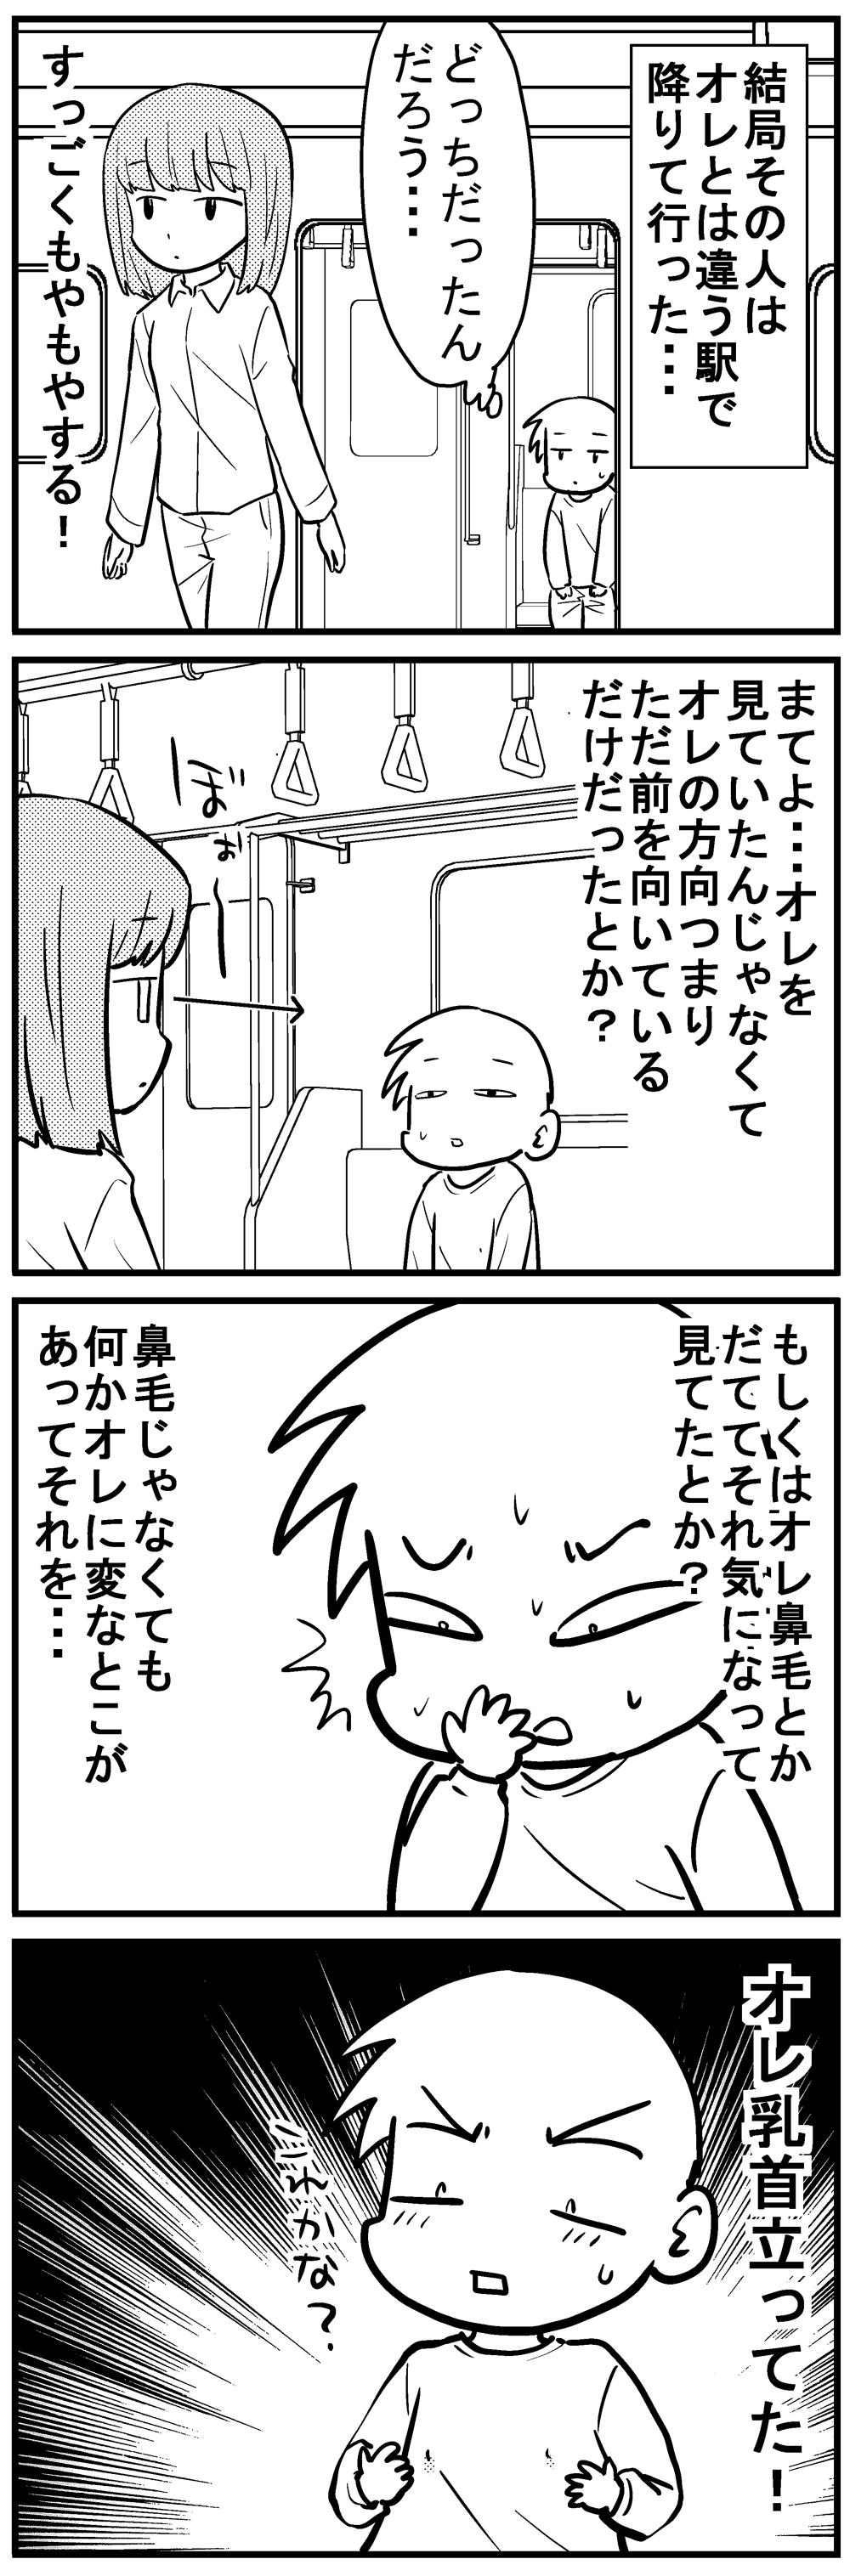 深読みくん103 4